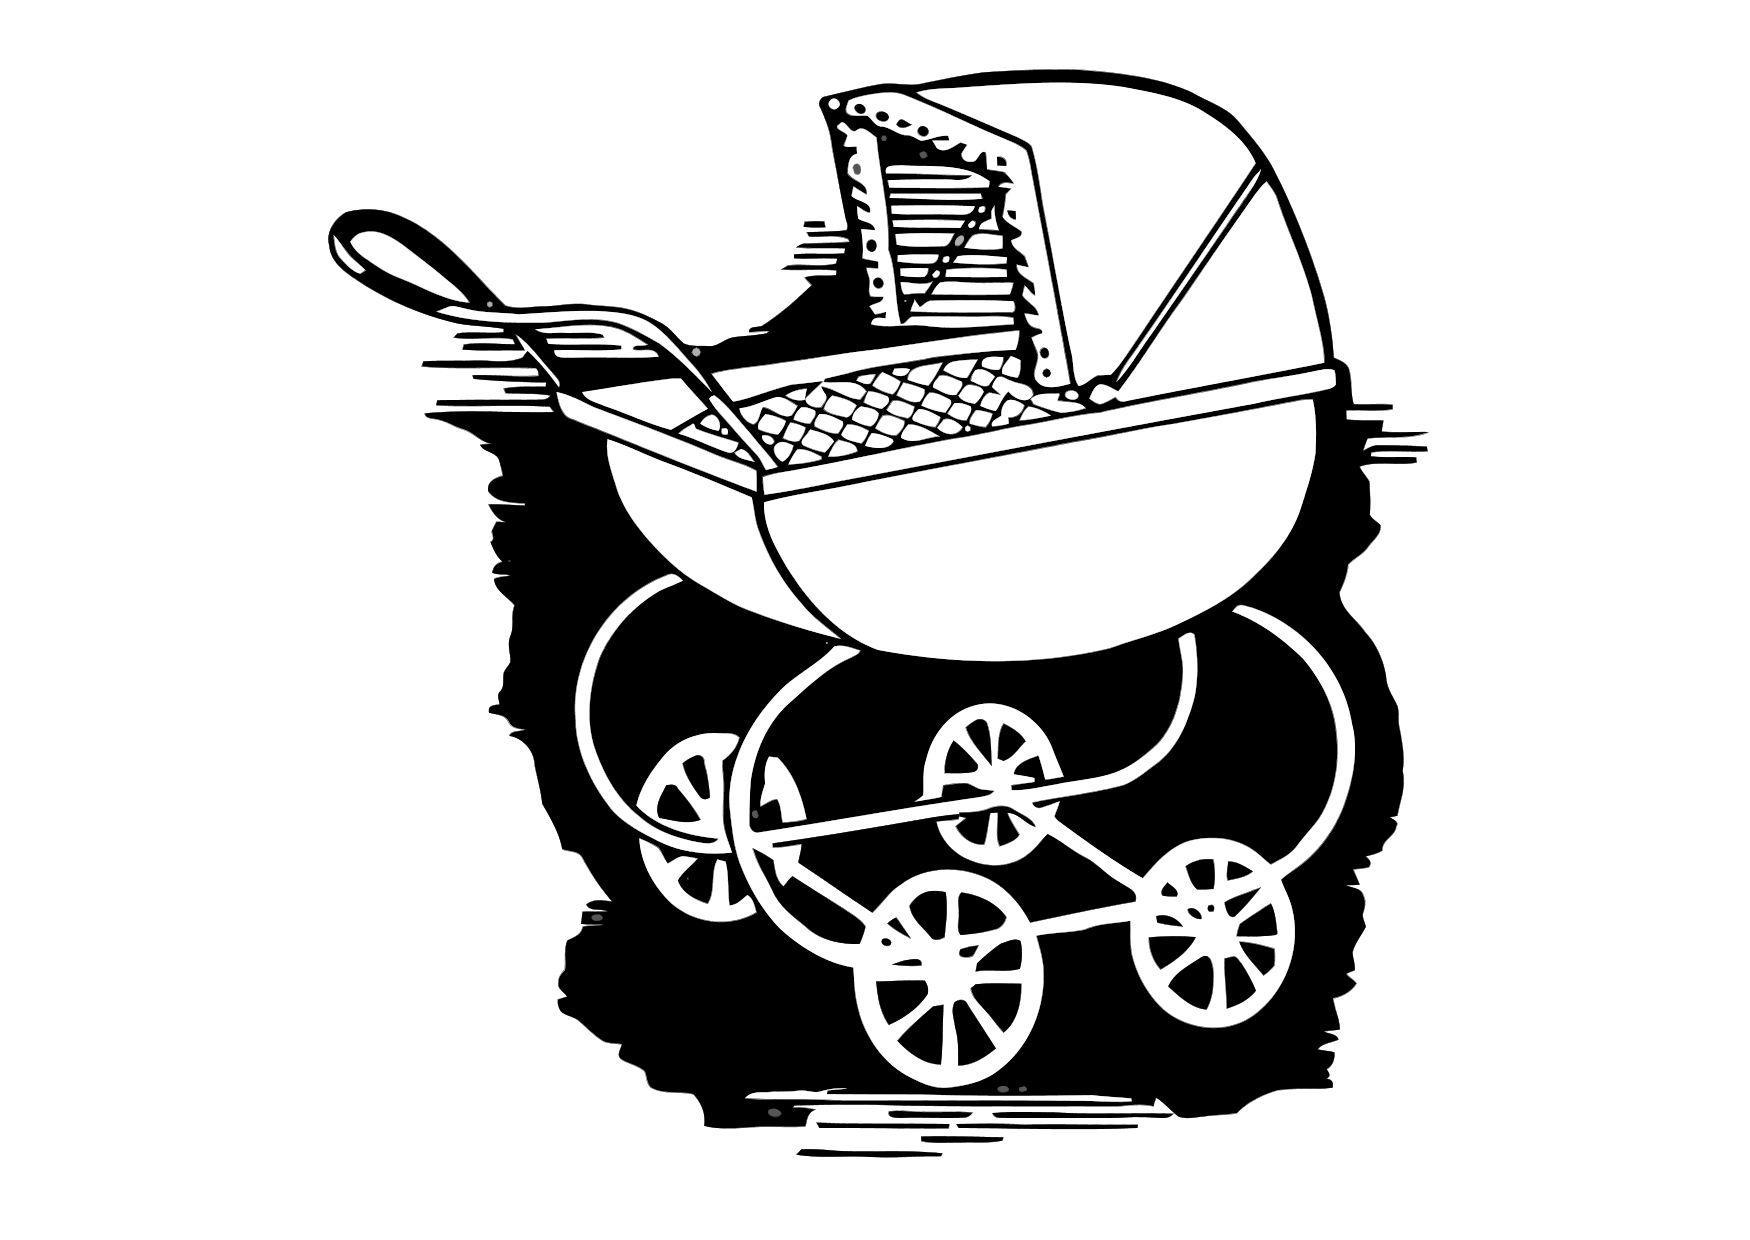 Malvorlage Kinderwagen - Kostenlose Ausmalbilder Zum Ausdrucken.